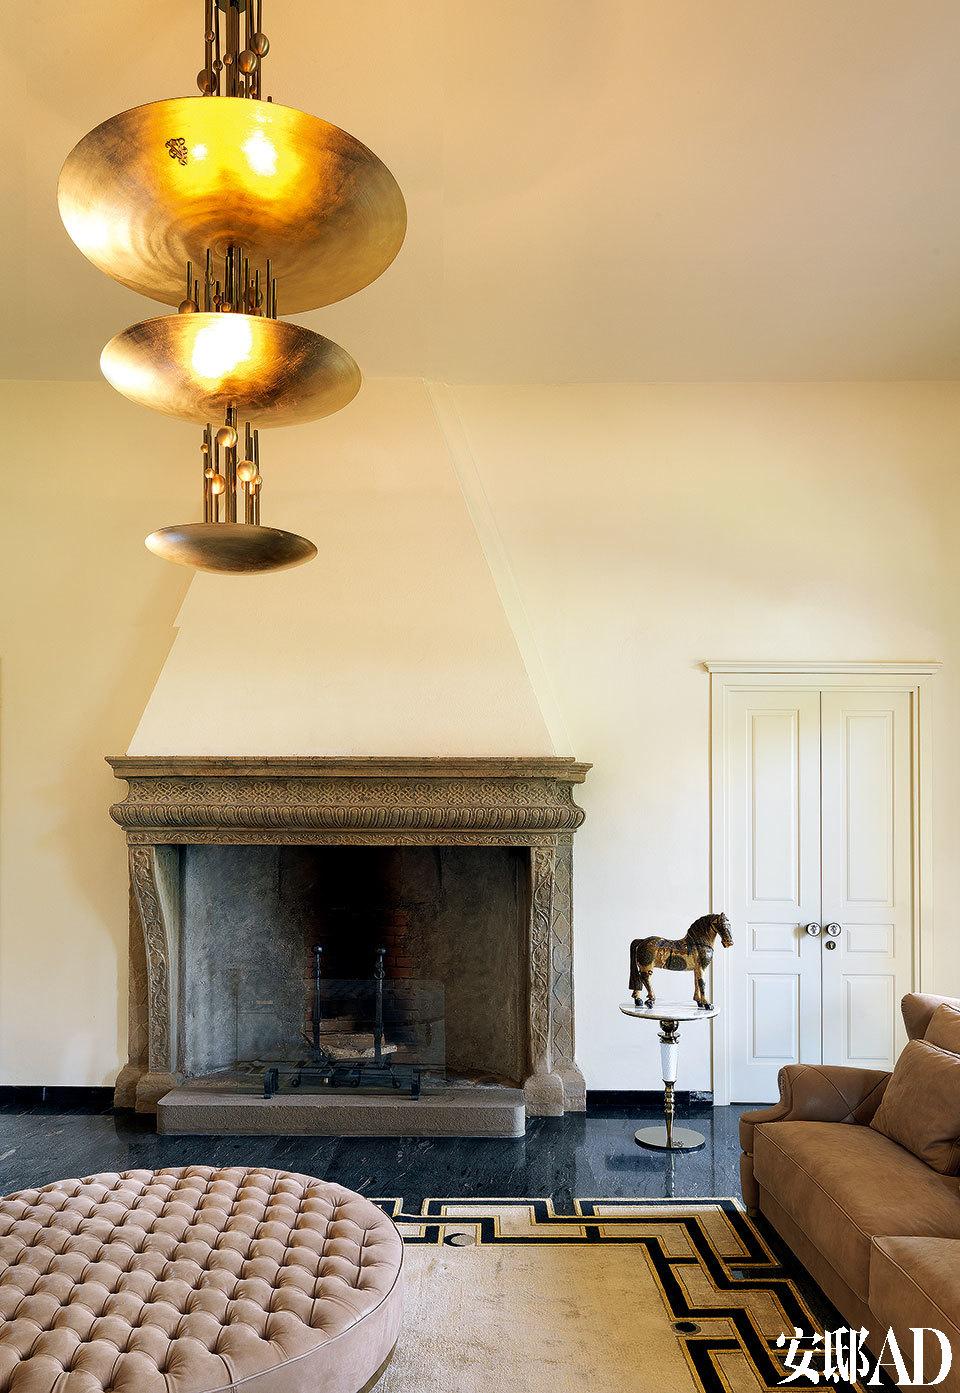 17世纪的古老壁炉迎来了现代风格的艺术吊灯,在Cavalli先生的客厅中幻化为新老相融的诗句。客厅的一侧,源自17世纪的壁炉前摆着Reginald圆坐垫,非常惹眼的Zeus金属吊灯由Alessandro La Spada设计,以上产品均来自Visionnaire。